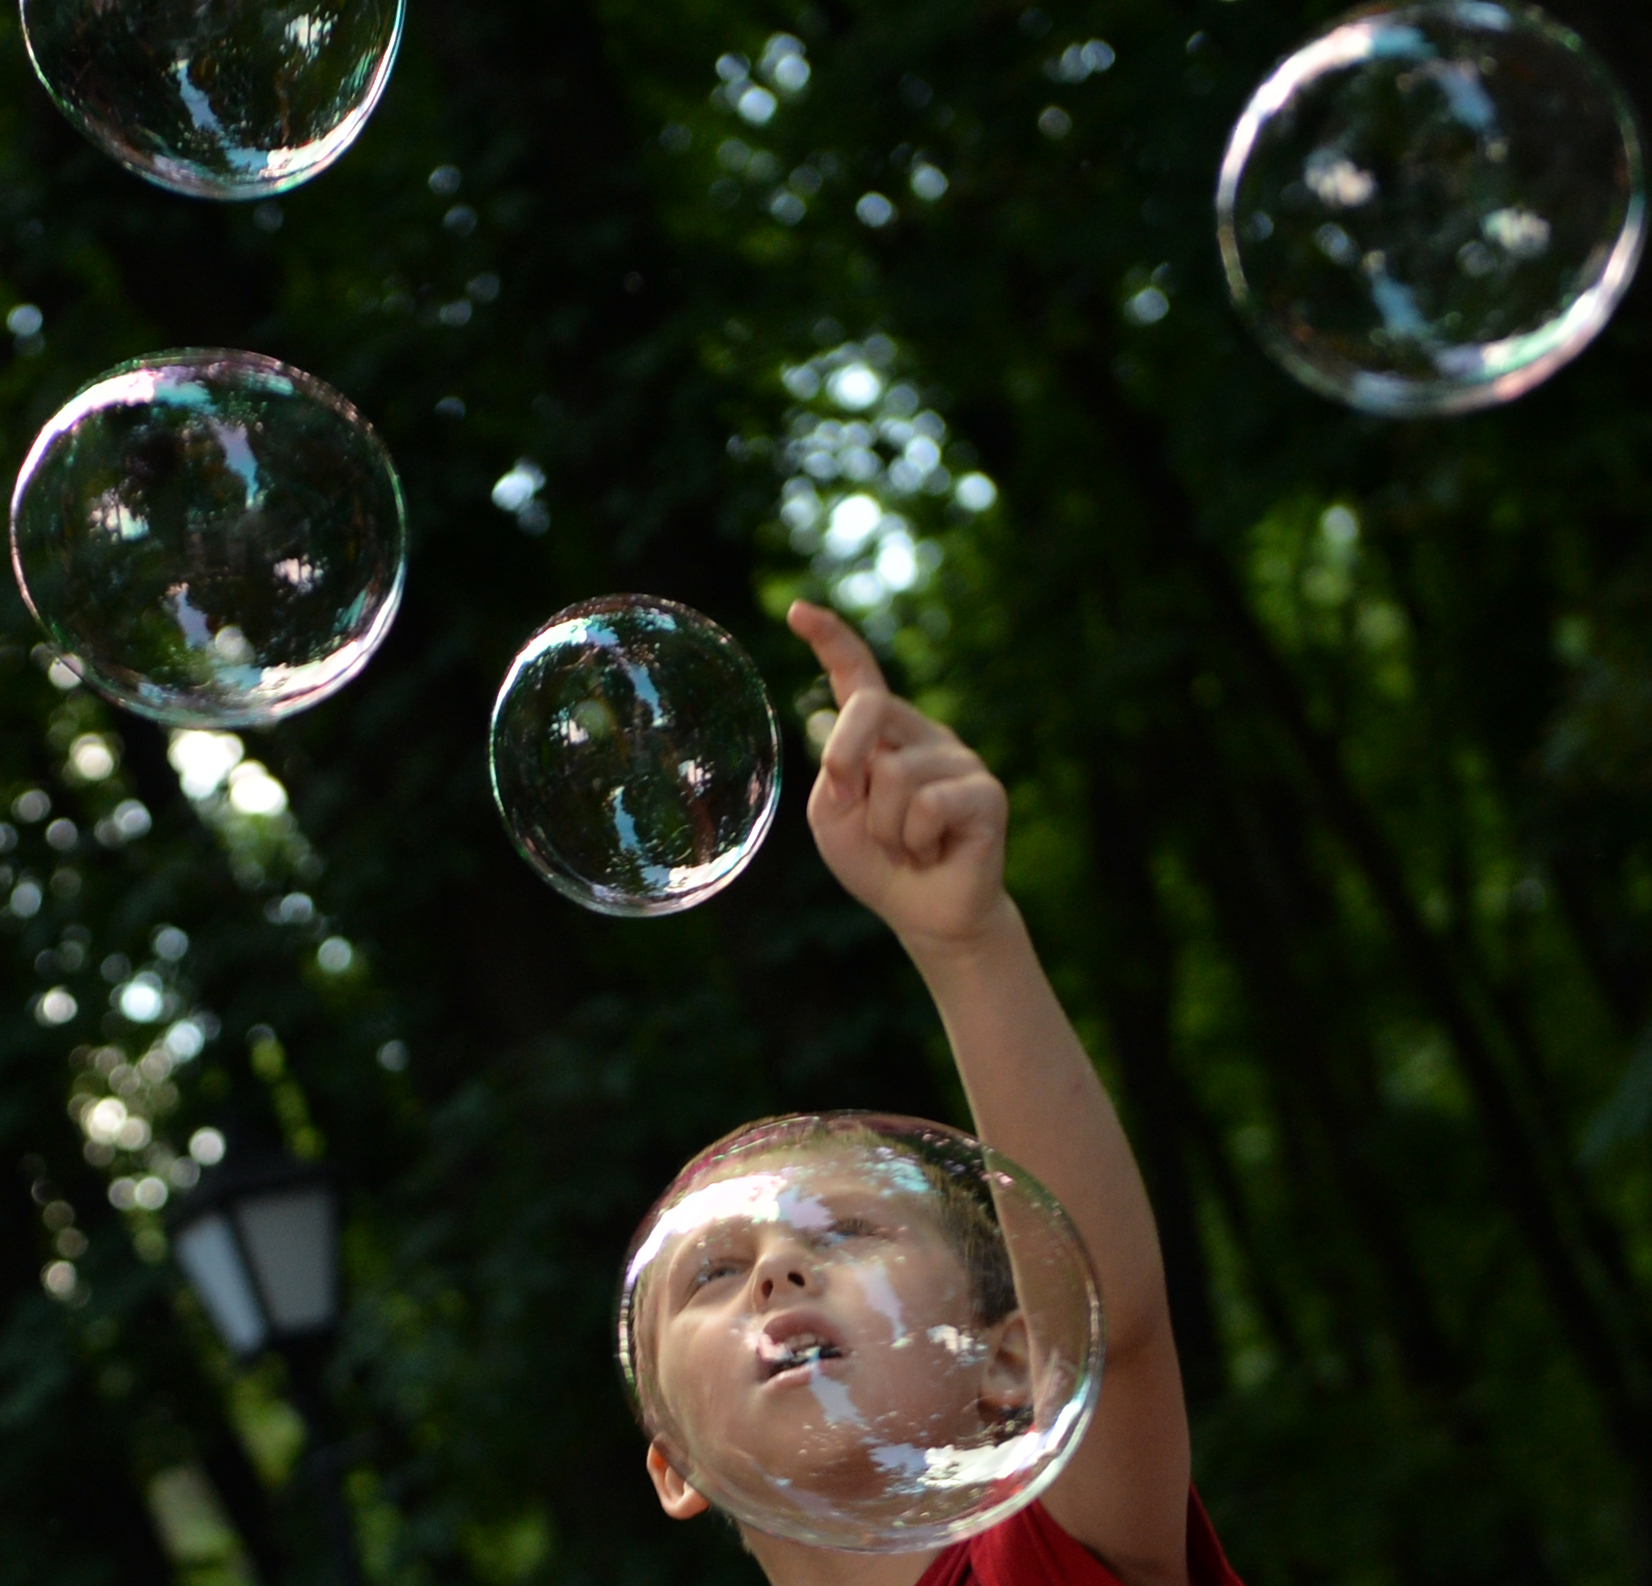 طفل يلهو خلال فعالية خيرية لصالح أطفال التوحد-أكرانيا